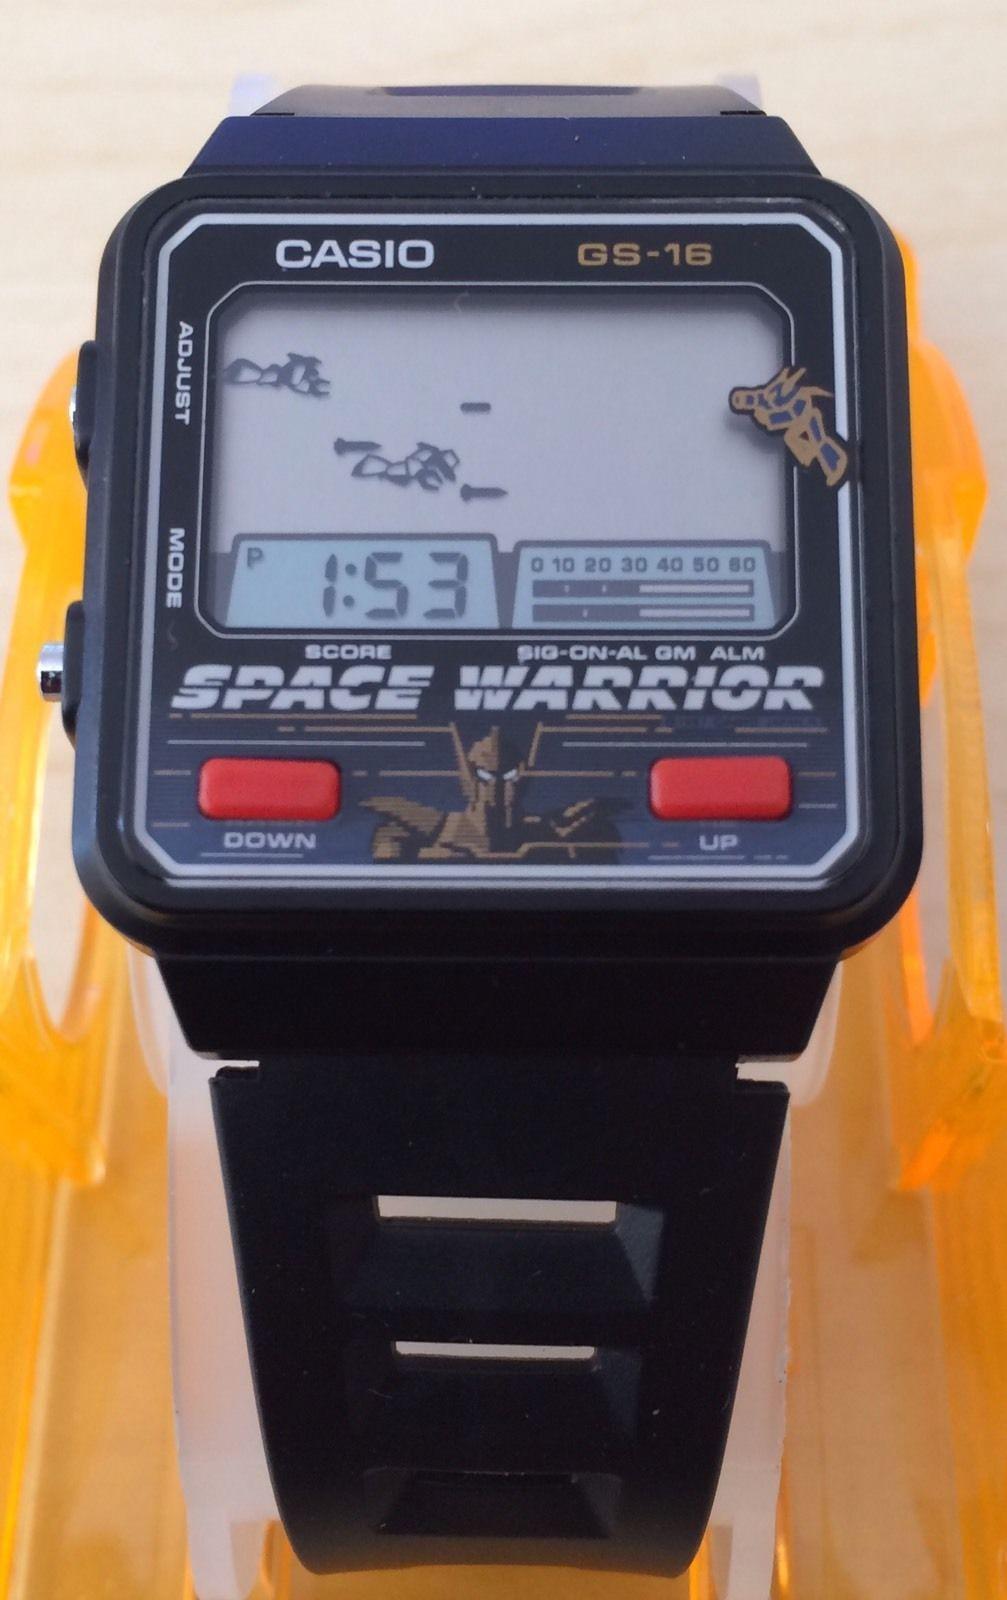 Reloj Casio Game Watch 686 Gs 16 Space Warrior | eBay